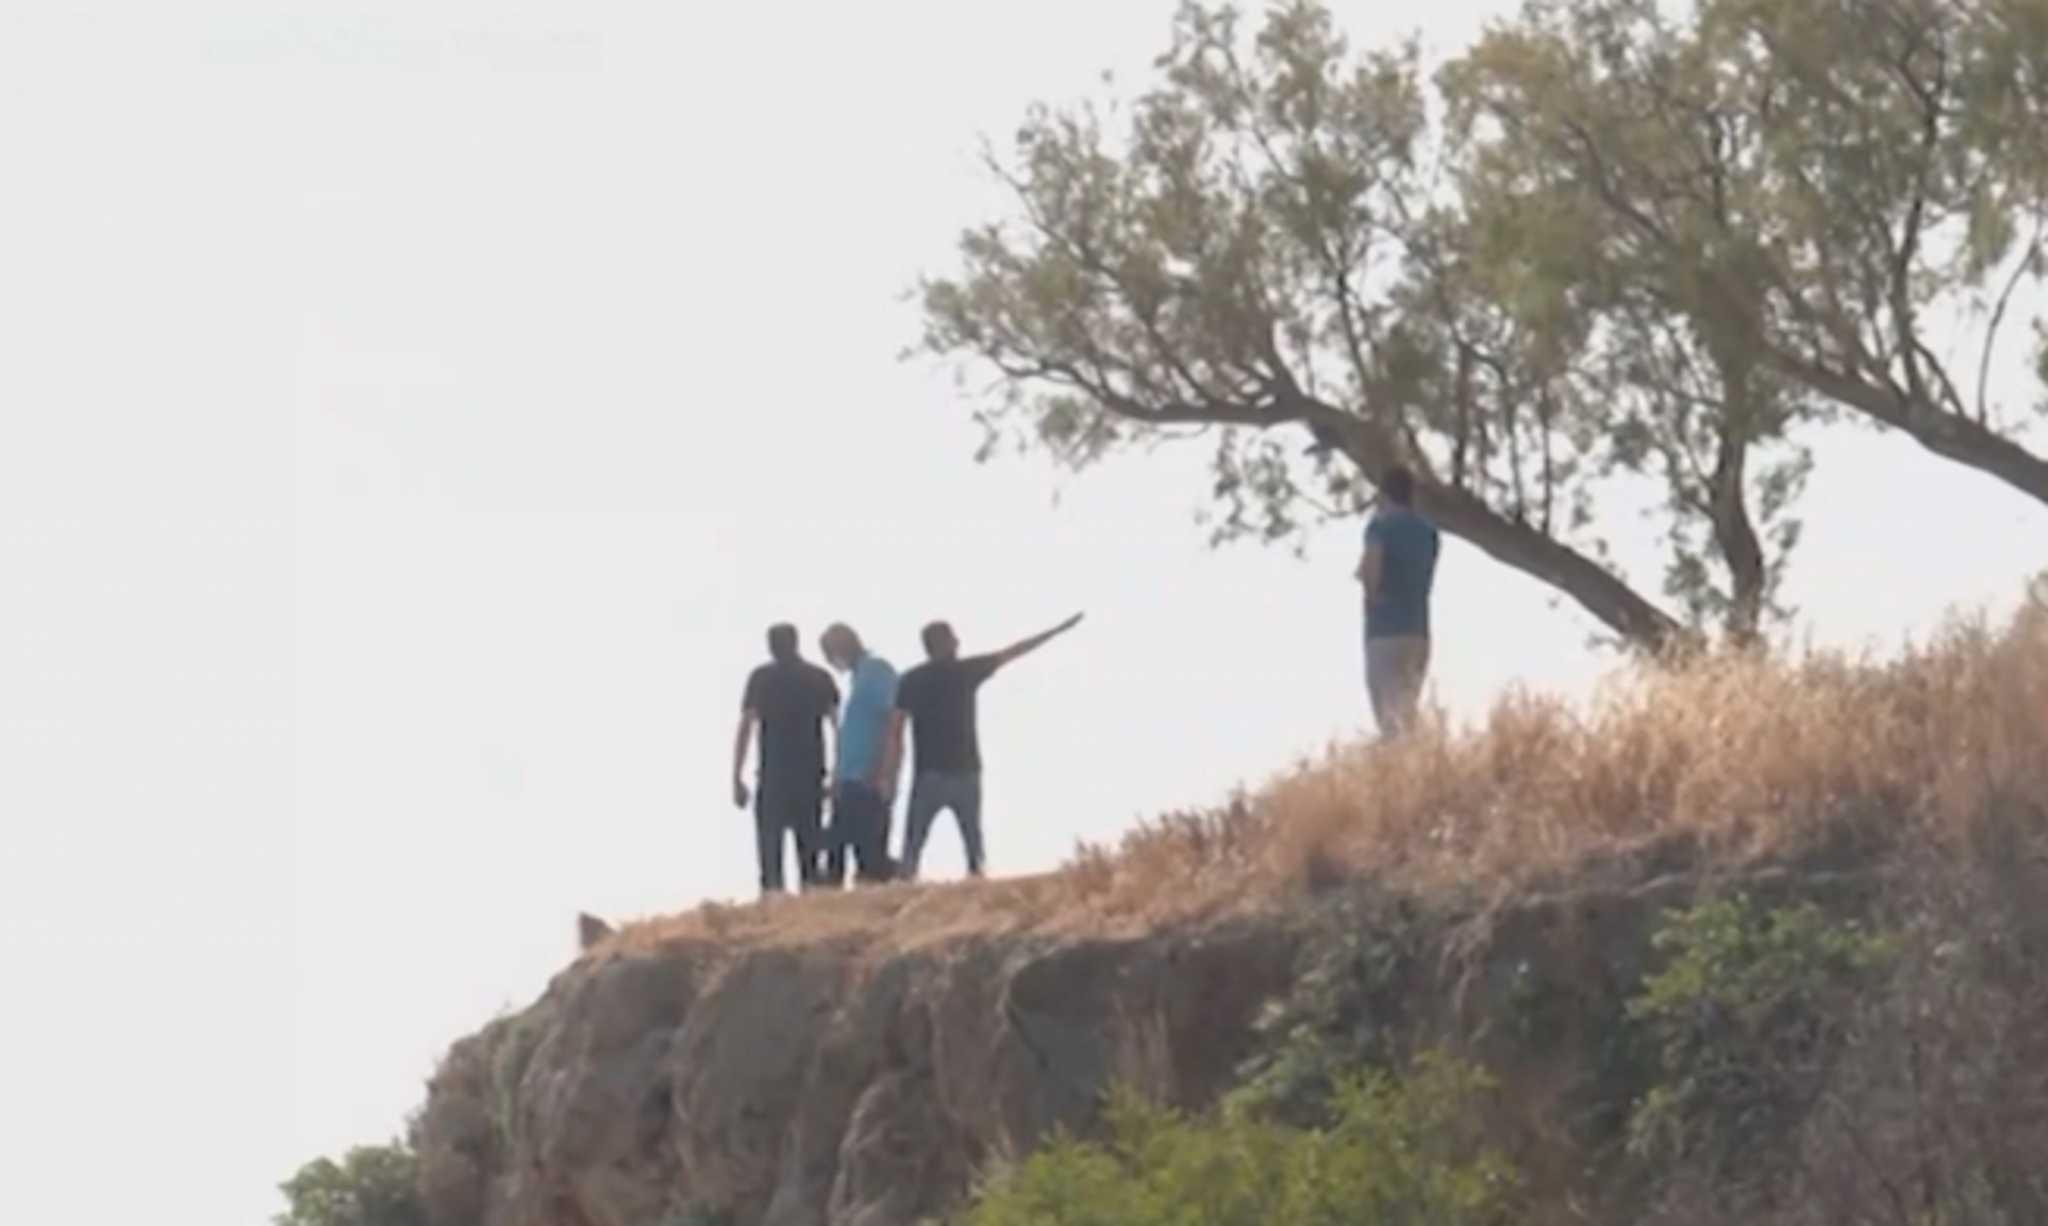 Εύβοια: Θρίλερ με ζευγάρι που βρέθηκε σε γκρεμό 100 μέτρων μετά από τροχαίο – Δραματικές διασώσεις